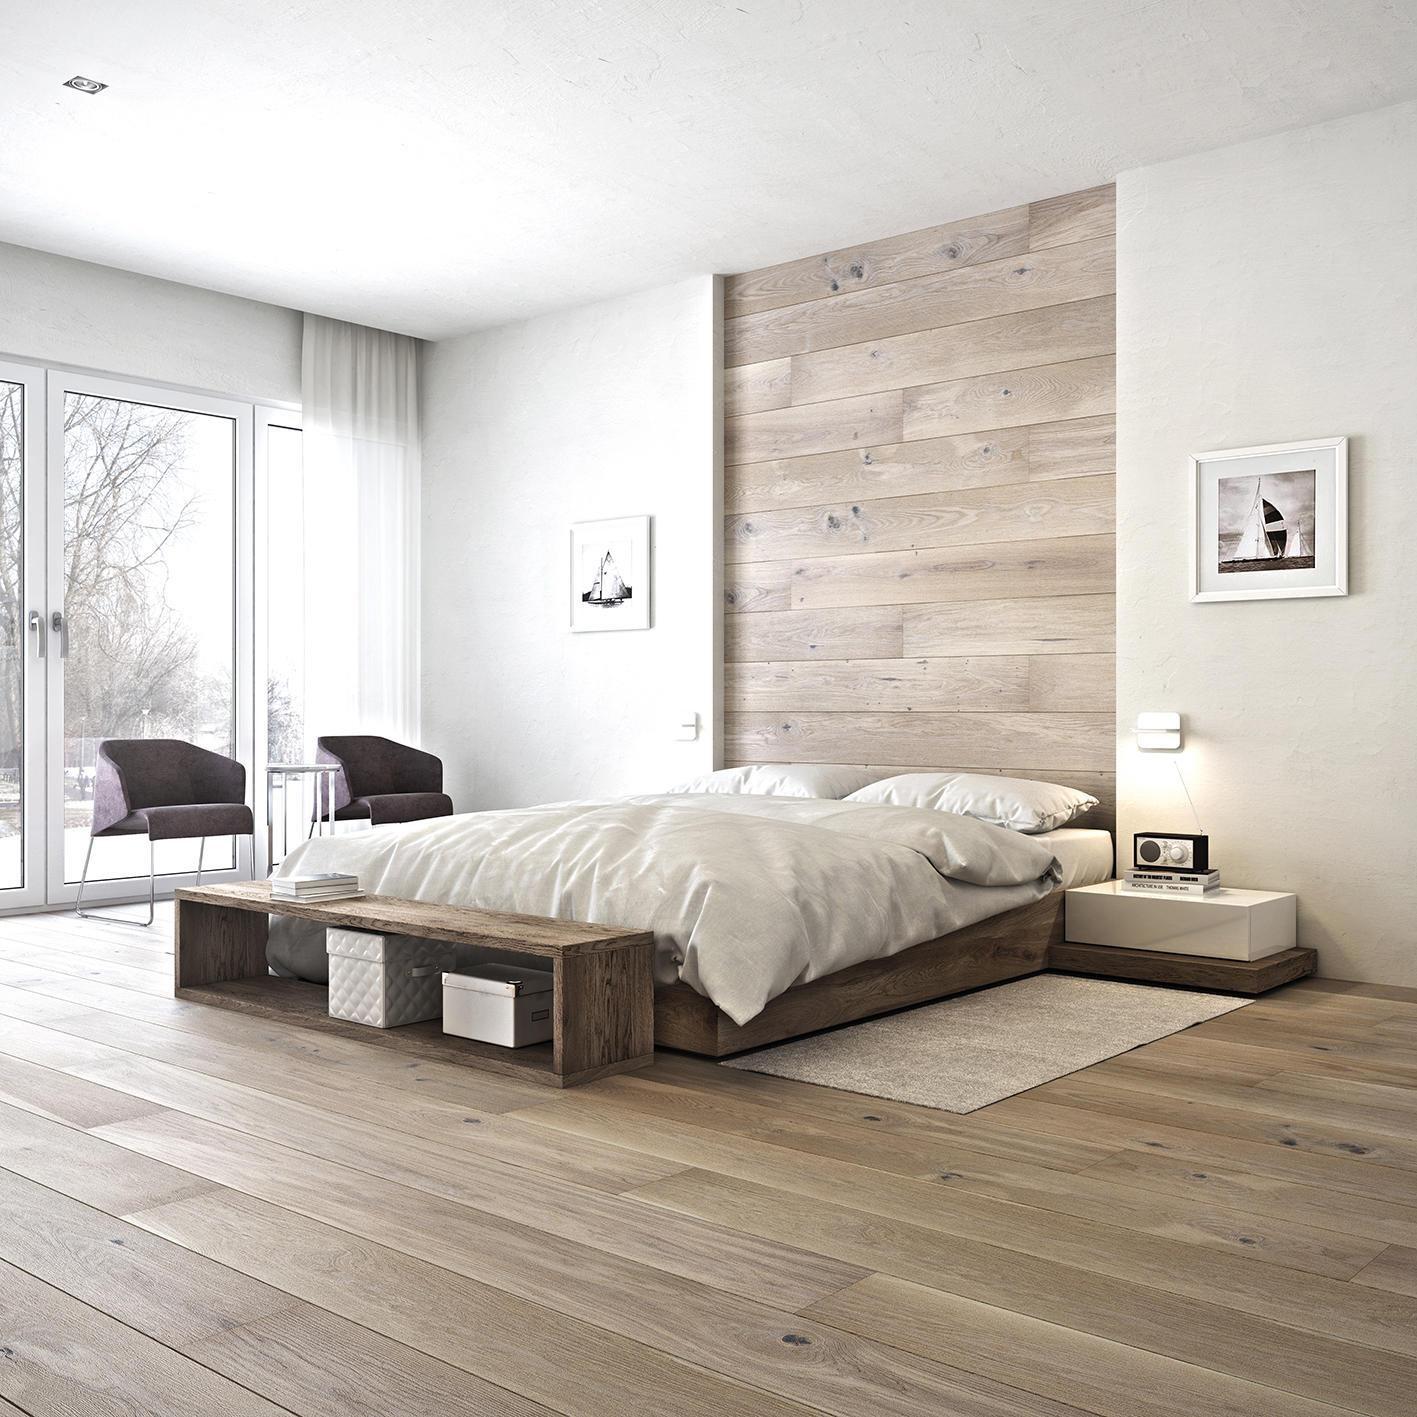 Дерев'яні підлоги в дизайні інтер'єру спальні в стилі мінімалізм